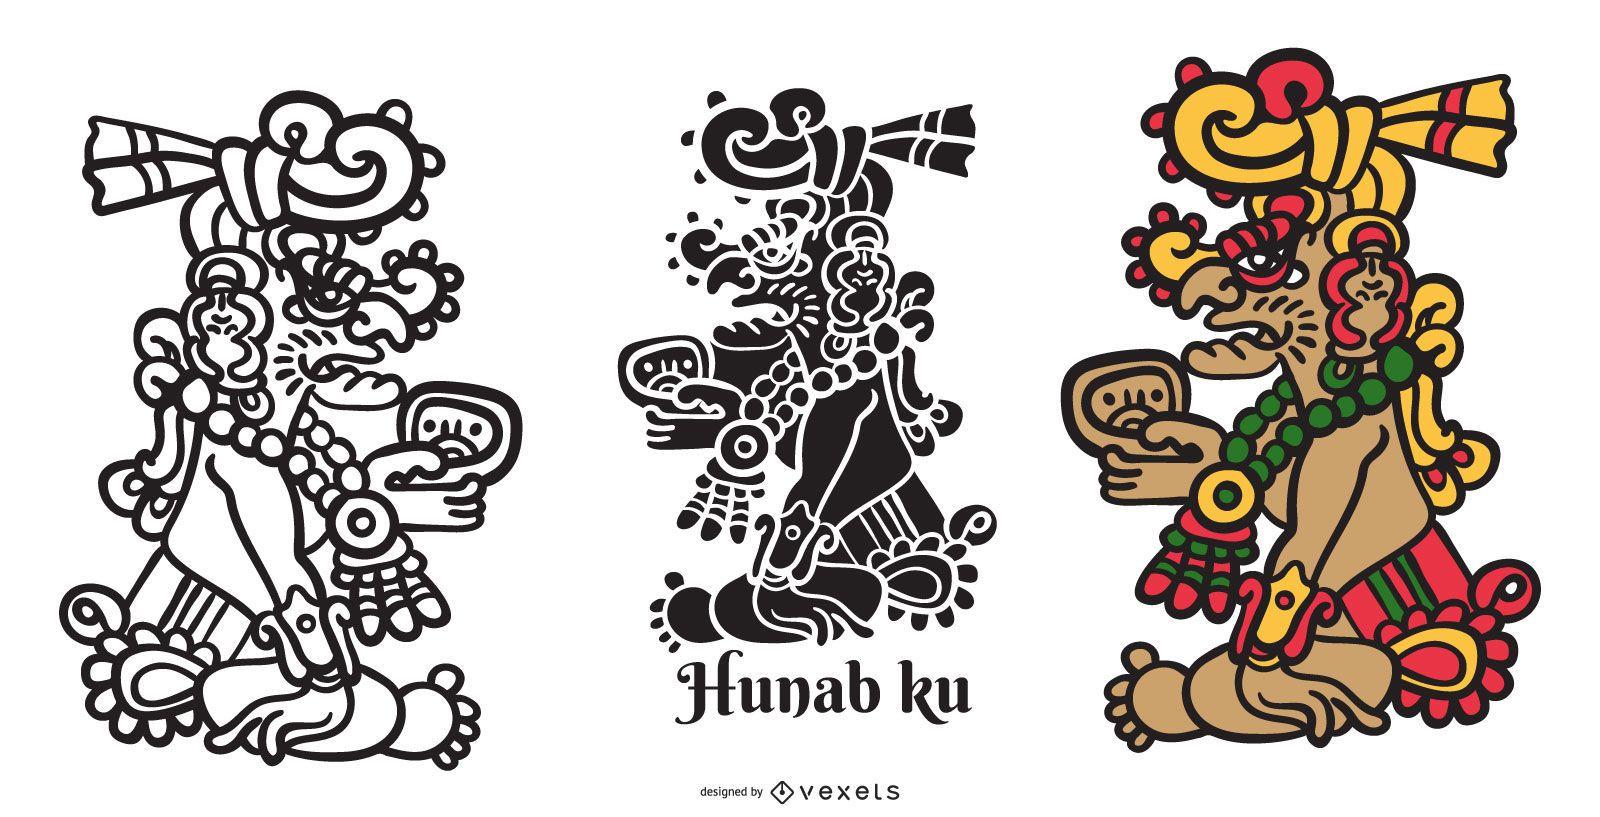 Conjunto de vectores de dios maya hunab ku